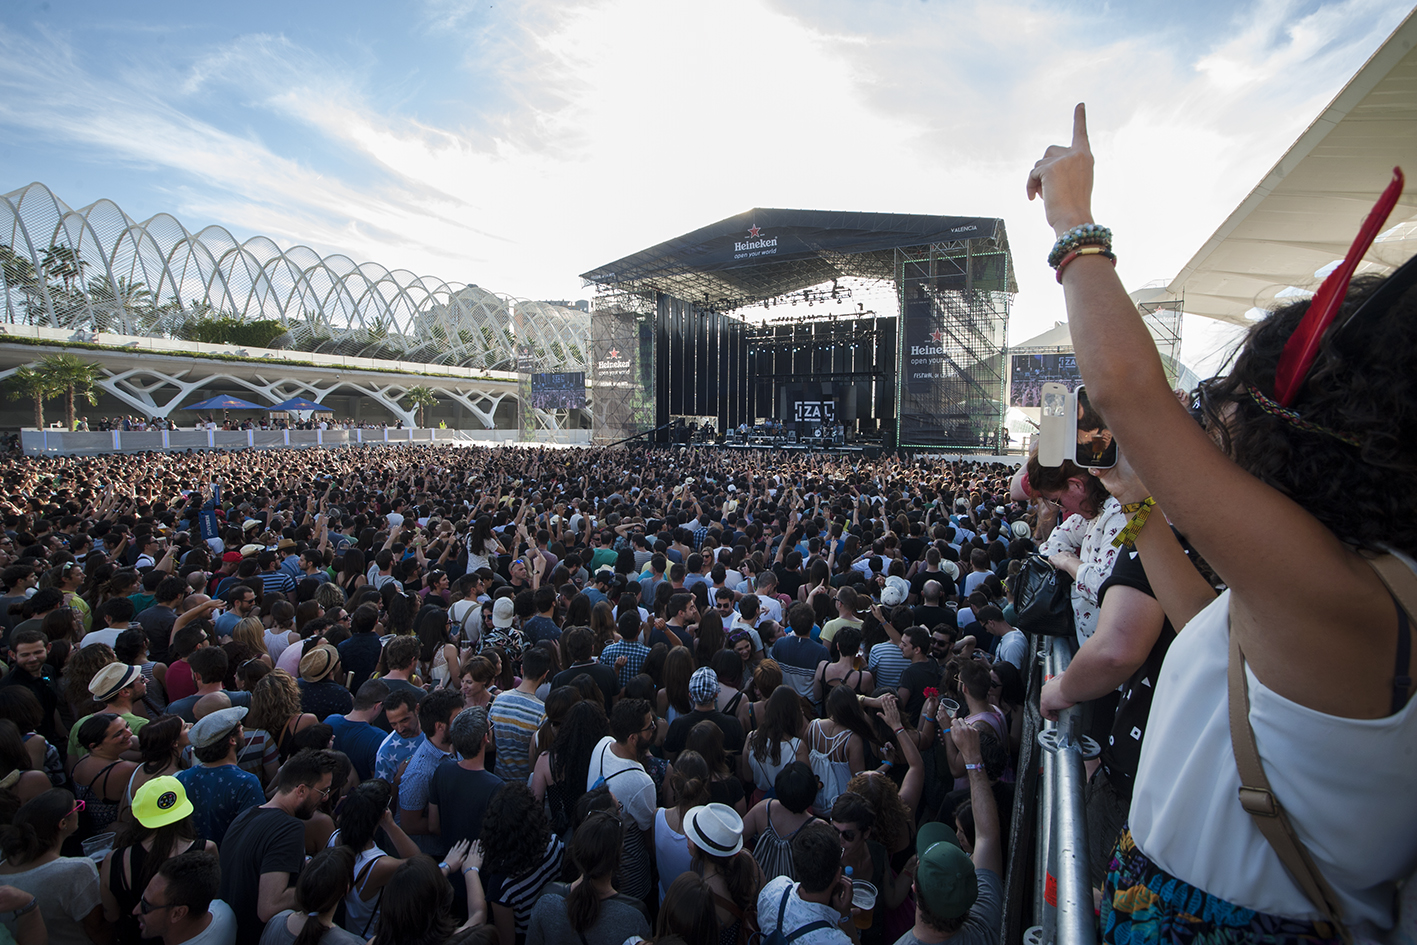 El Festival de les Arts se estrena en Valencia con 22.000 asistentes